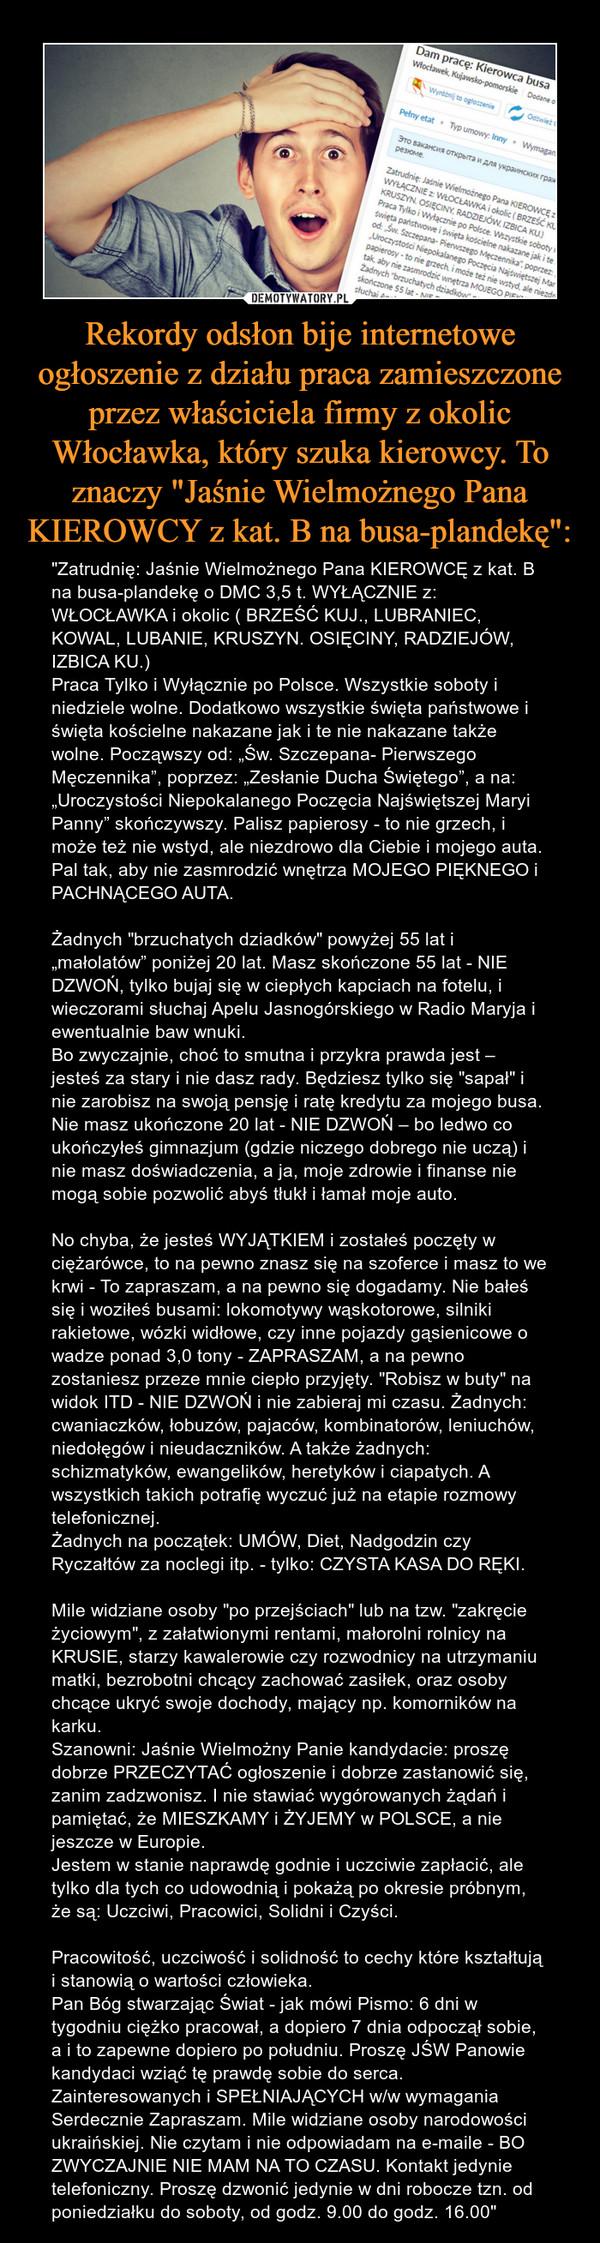 """Rekordy odsłon bije internetowe ogłoszenie z działu praca zamieszczone przez właściciela firmy z okolic Włocławka, który szuka kierowcy. To znaczy """"Jaśnie Wielmożnego Pana KIEROWCY z kat. B na busa-plandekę"""": – """"Zatrudnię: Jaśnie Wielmożnego Pana KIEROWCĘ z kat. B na busa-plandekę o DMC 3,5 t. WYŁĄCZNIE z: WŁOCŁAWKA i okolic ( BRZEŚĆ KUJ., LUBRANIEC, KOWAL, LUBANIE, KRUSZYN. OSIĘCINY, RADZIEJÓW, IZBICA KU.)Praca Tylko i Wyłącznie po Polsce. Wszystkie soboty i niedziele wolne. Dodatkowo wszystkie święta państwowe i święta kościelne nakazane jak i te nie nakazane także wolne. Począwszy od: """"Św. Szczepana- Pierwszego Męczennika"""", poprzez: """"Zesłanie Ducha Świętego"""", a na: """"Uroczystości Niepokalanego Poczęcia Najświętszej Maryi Panny"""" skończywszy. Palisz papierosy - to nie grzech, i może też nie wstyd, ale niezdrowo dla Ciebie i mojego auta. Pal tak, aby nie zasmrodzić wnętrza MOJEGO PIĘKNEGO i PACHNĄCEGO AUTA.Żadnych """"brzuchatych dziadków"""" powyżej 55 lat i """"małolatów"""" poniżej 20 lat. Masz skończone 55 lat - NIE DZWOŃ, tylko bujaj się w ciepłych kapciach na fotelu, i wieczorami słuchaj Apelu Jasnogórskiego w Radio Maryja i ewentualnie baw wnuki. Bo zwyczajnie, choć to smutna i przykra prawda jest – jesteś za stary i nie dasz rady. Będziesz tylko się """"sapał"""" i nie zarobisz na swoją pensję i ratę kredytu za mojego busa. Nie masz ukończone 20 lat - NIE DZWOŃ – bo ledwo co ukończyłeś gimnazjum (gdzie niczego dobrego nie uczą) i nie masz doświadczenia, a ja, moje zdrowie i finanse nie mogą sobie pozwolić abyś tłukł i łamał moje auto.No chyba, że jesteś WYJĄTKIEM i zostałeś poczęty w ciężarówce, to na pewno znasz się na szoferce i masz to we krwi - To zapraszam, a na pewno się dogadamy. Nie bałeś się i woziłeś busami: lokomotywy wąskotorowe, silniki rakietowe, wózki widłowe, czy inne pojazdy gąsienicowe o wadze ponad 3,0 tony - ZAPRASZAM, a na pewno zostaniesz przeze mnie ciepło przyjęty. """"Robisz w buty"""" na widok ITD - NIE DZWOŃ i nie zabieraj mi czasu. Żadnych: cwaniaczków, ł"""